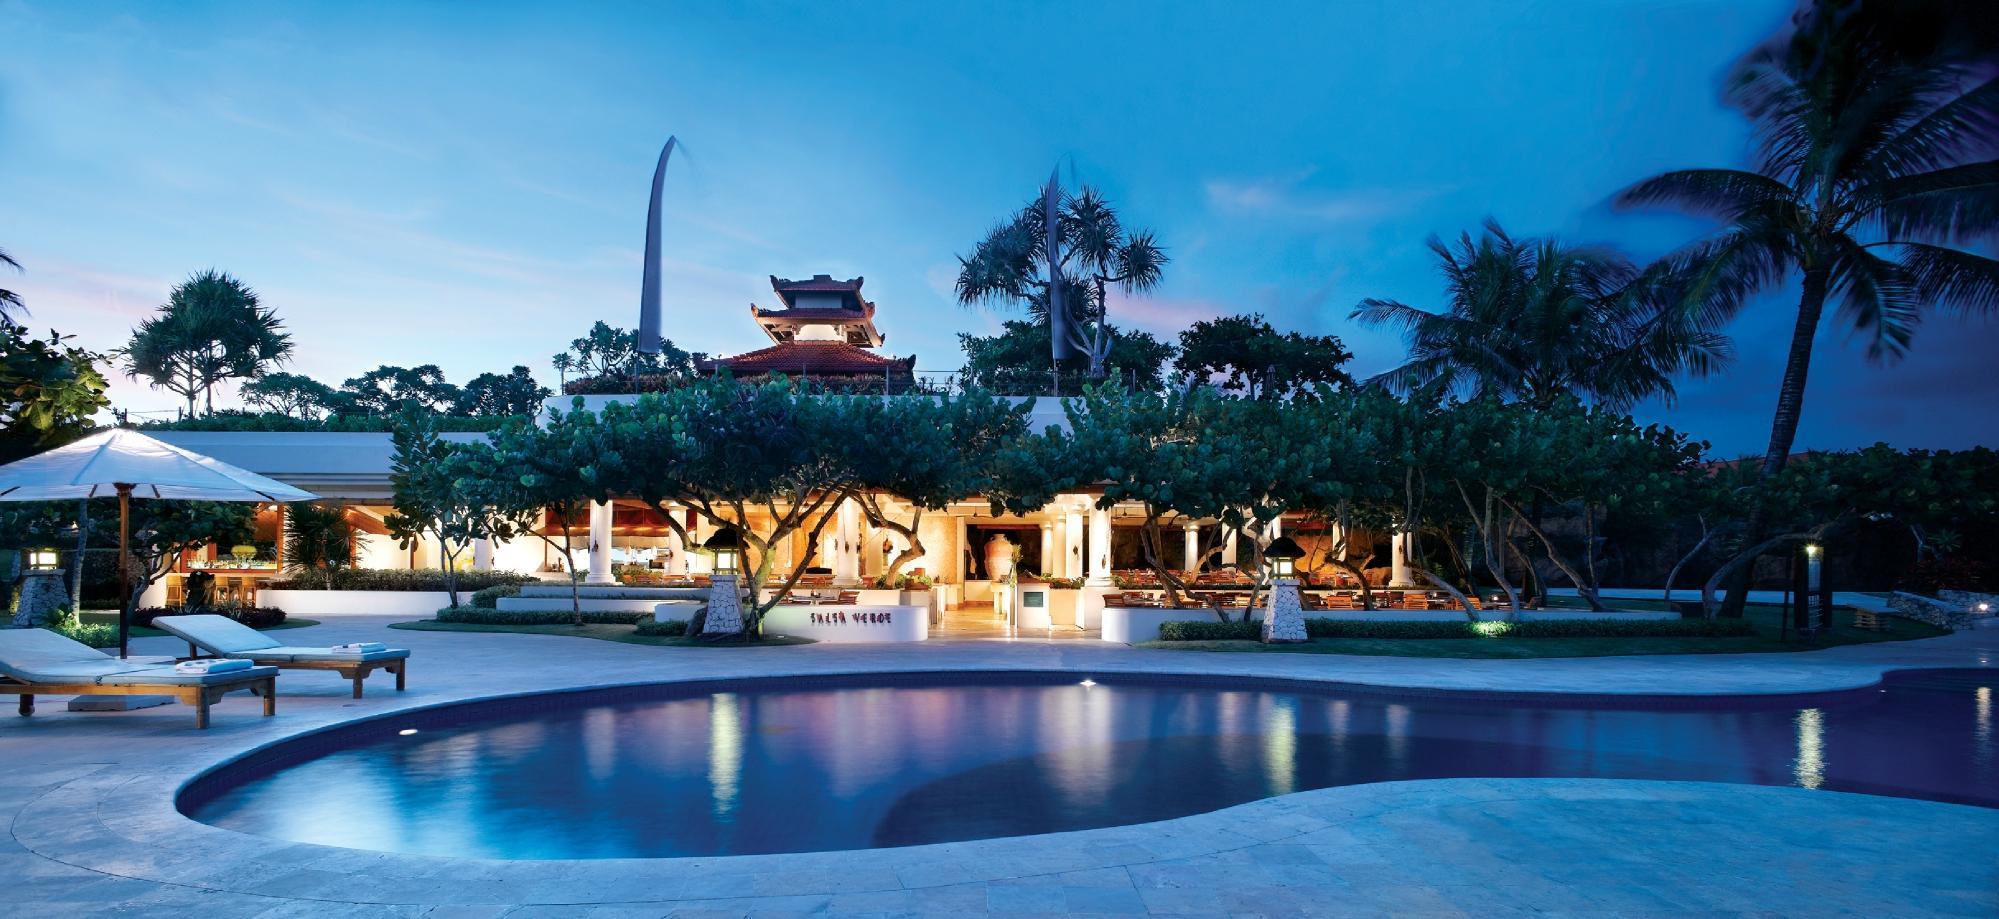 巴厘岛穆丽雅度假村(mulia resort nusa dua bali) 餐食包含:酒店